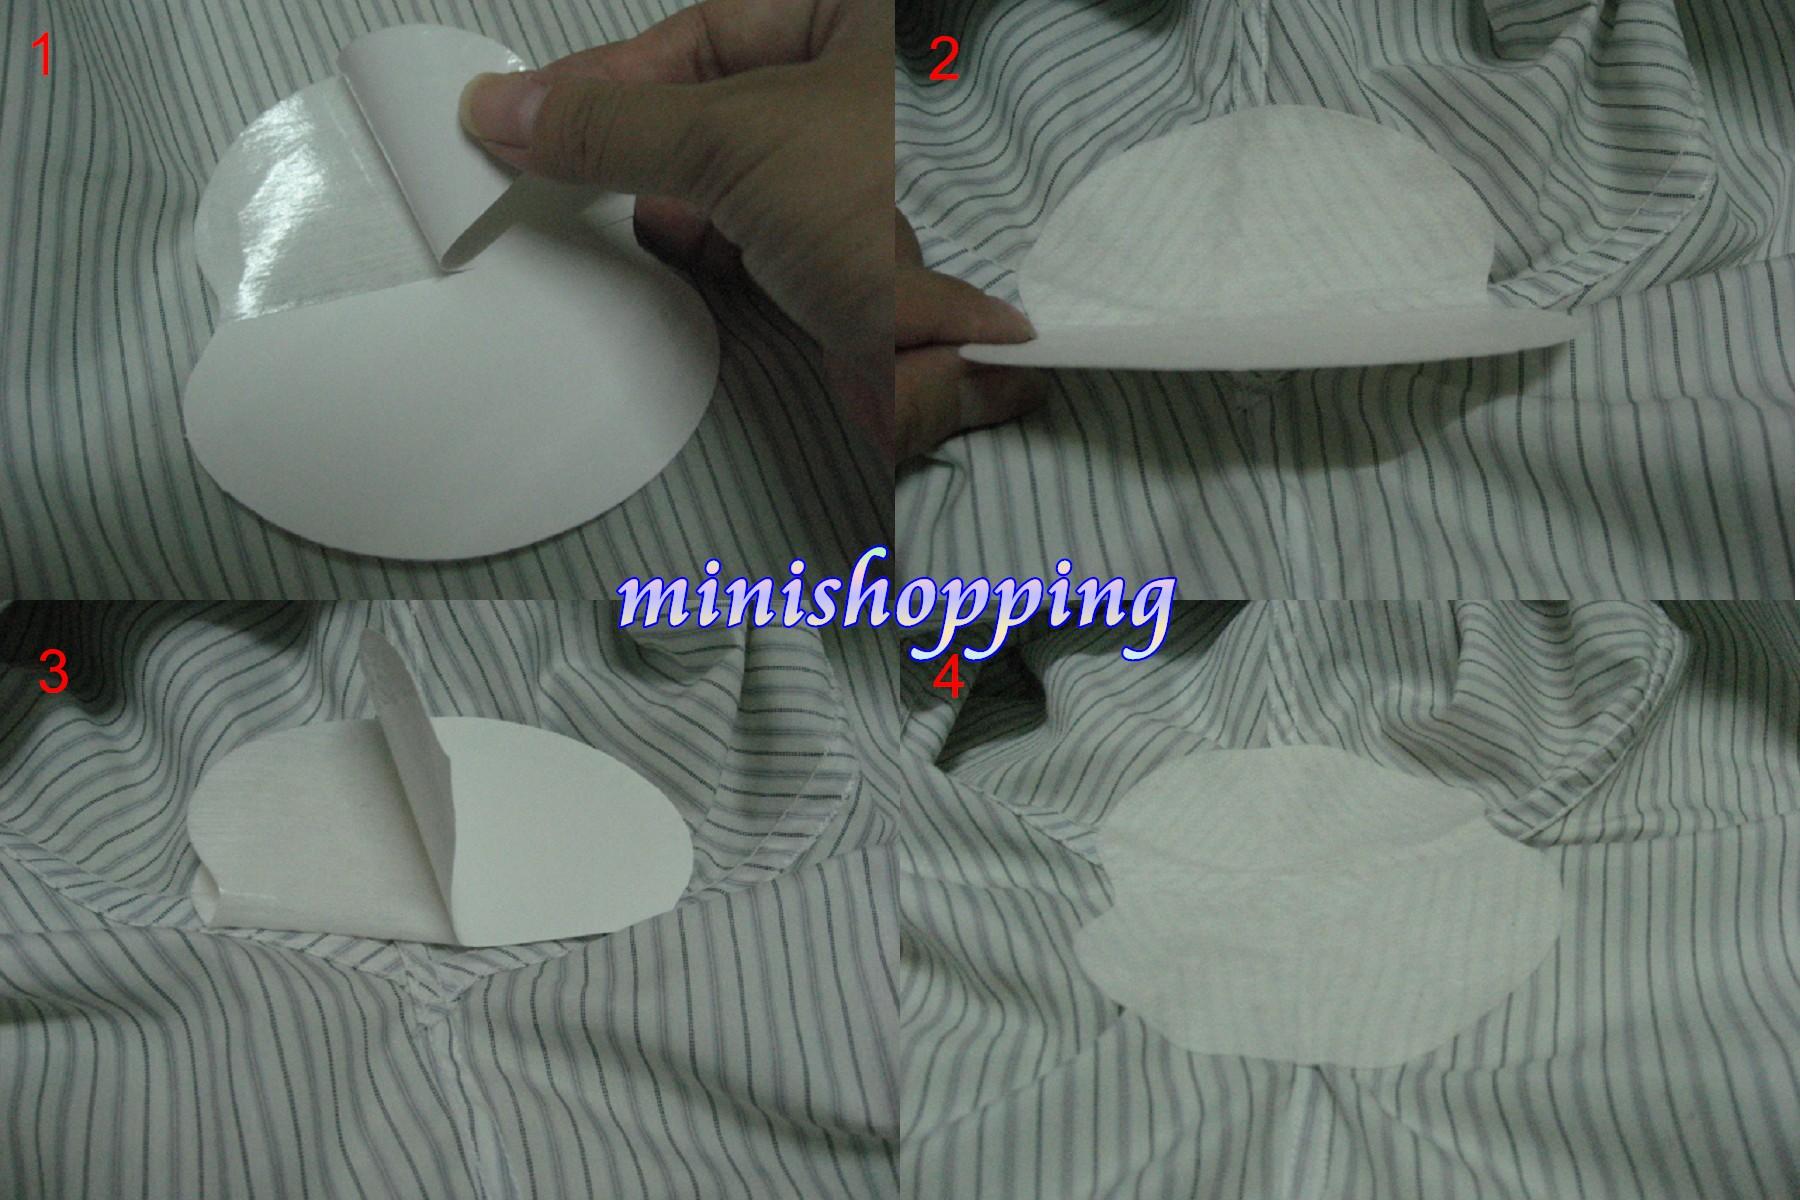 IMG_1709(minishopping).jpg